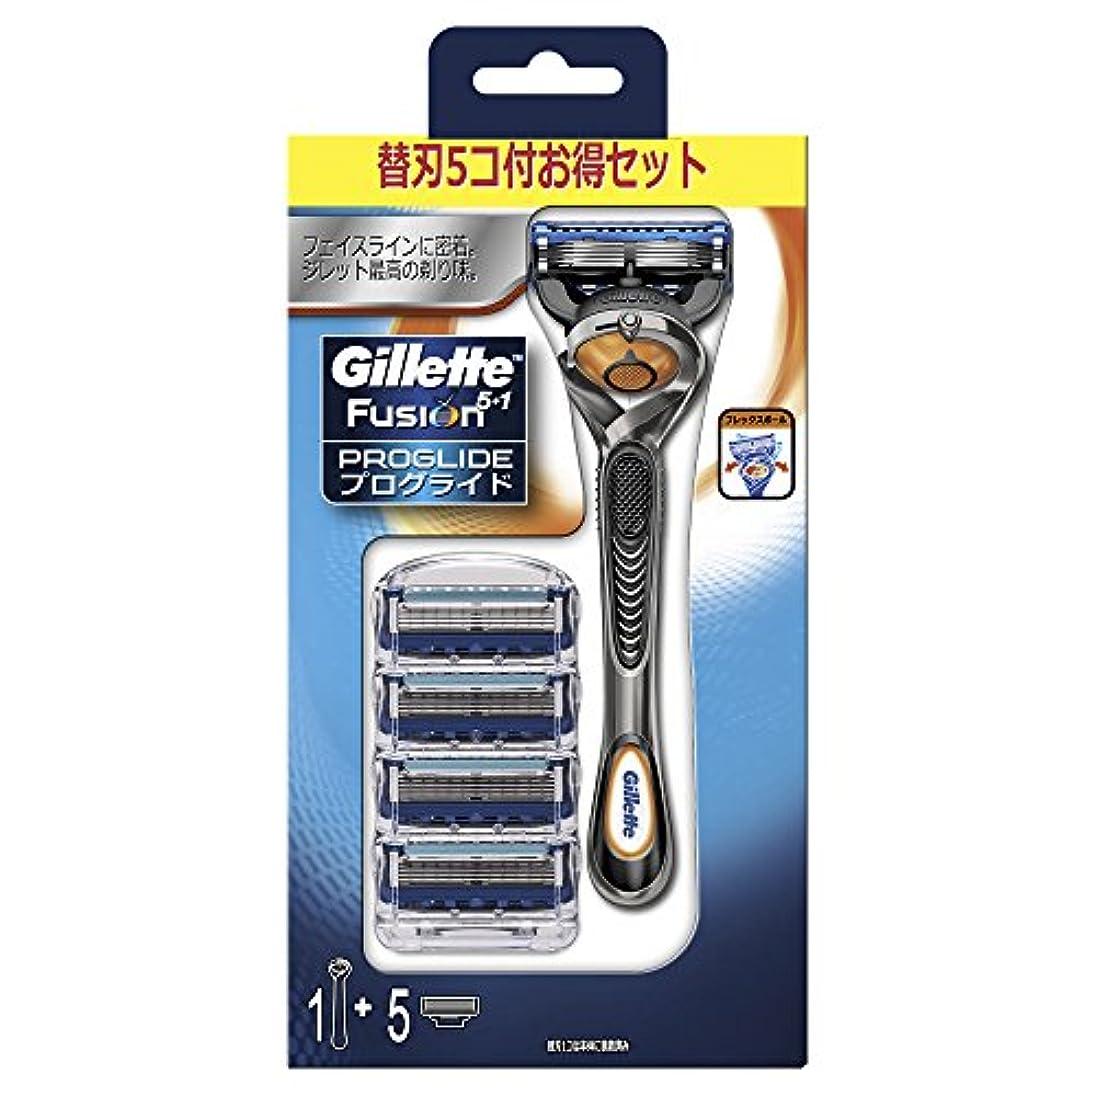 包括的宇宙船たまにジレット プログライド フレックスボール マニュアル 髭剃り 予備替刃4個付 単品 本体+替刃5コ付